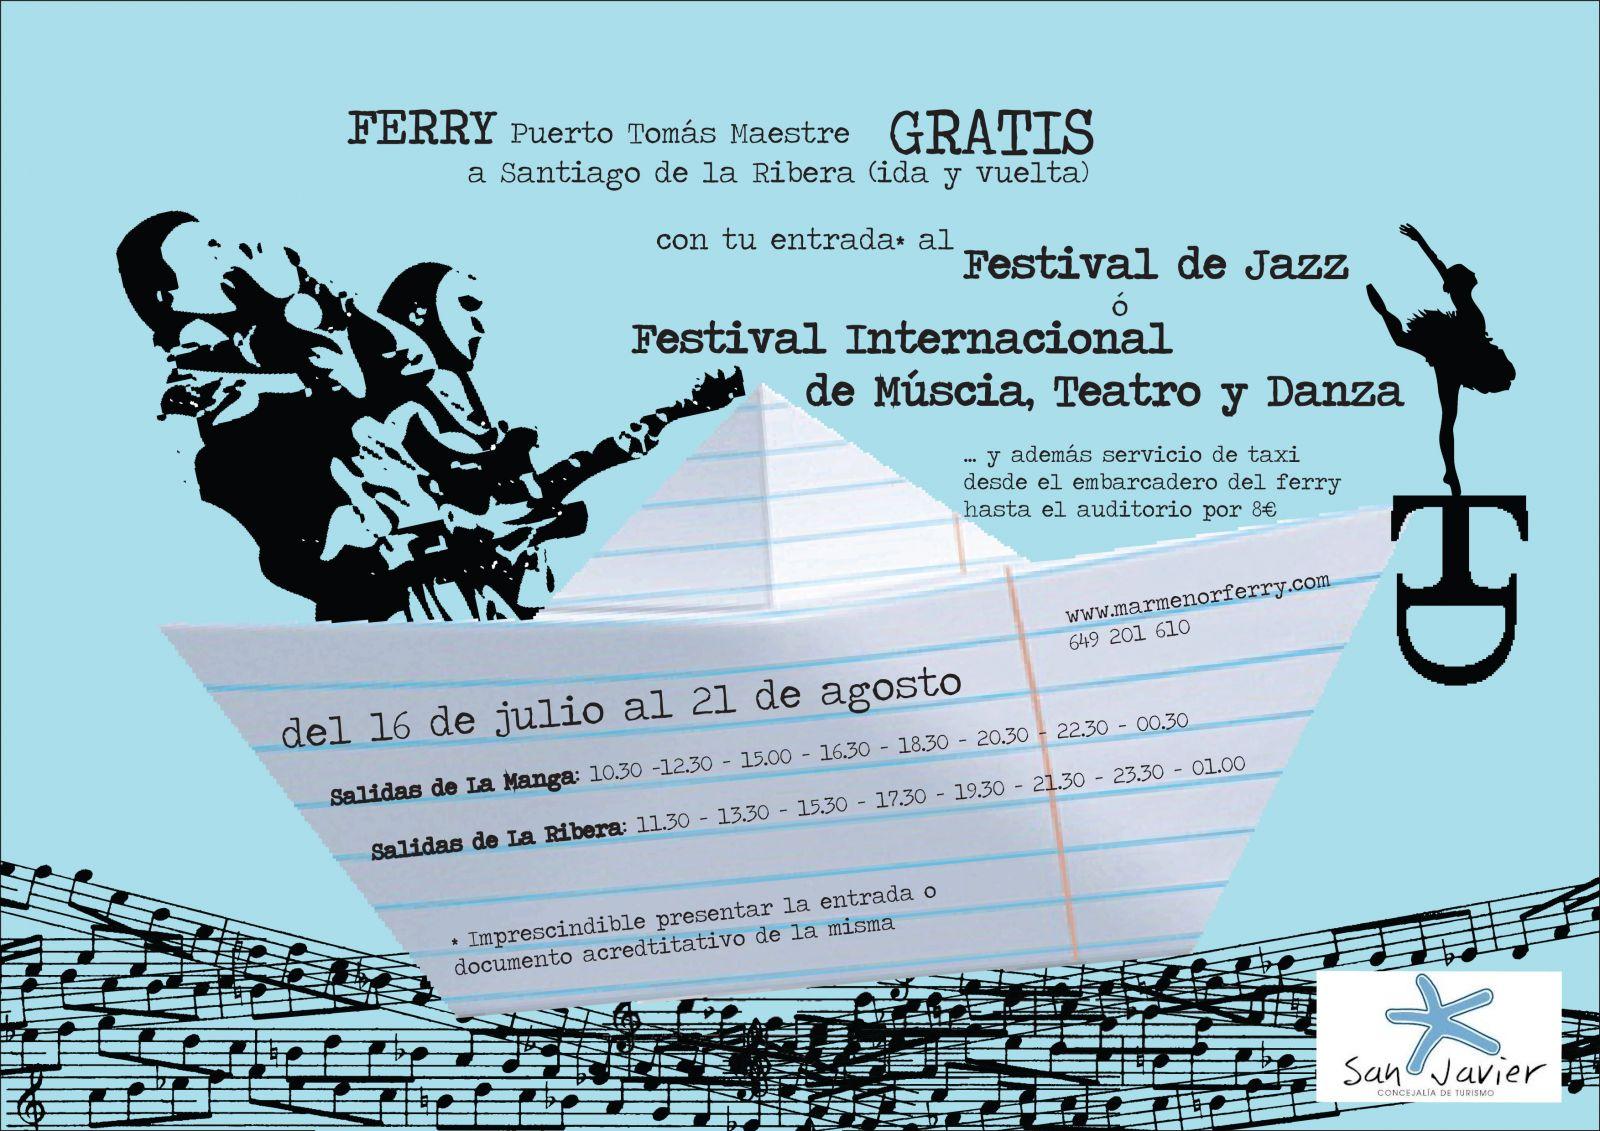 FERRY GRATUITO IDA Y VUELTA DESDE LA MANGA PARA USUARIOS DE LOS FESTIVALES DE JAZZ Y TEATRO